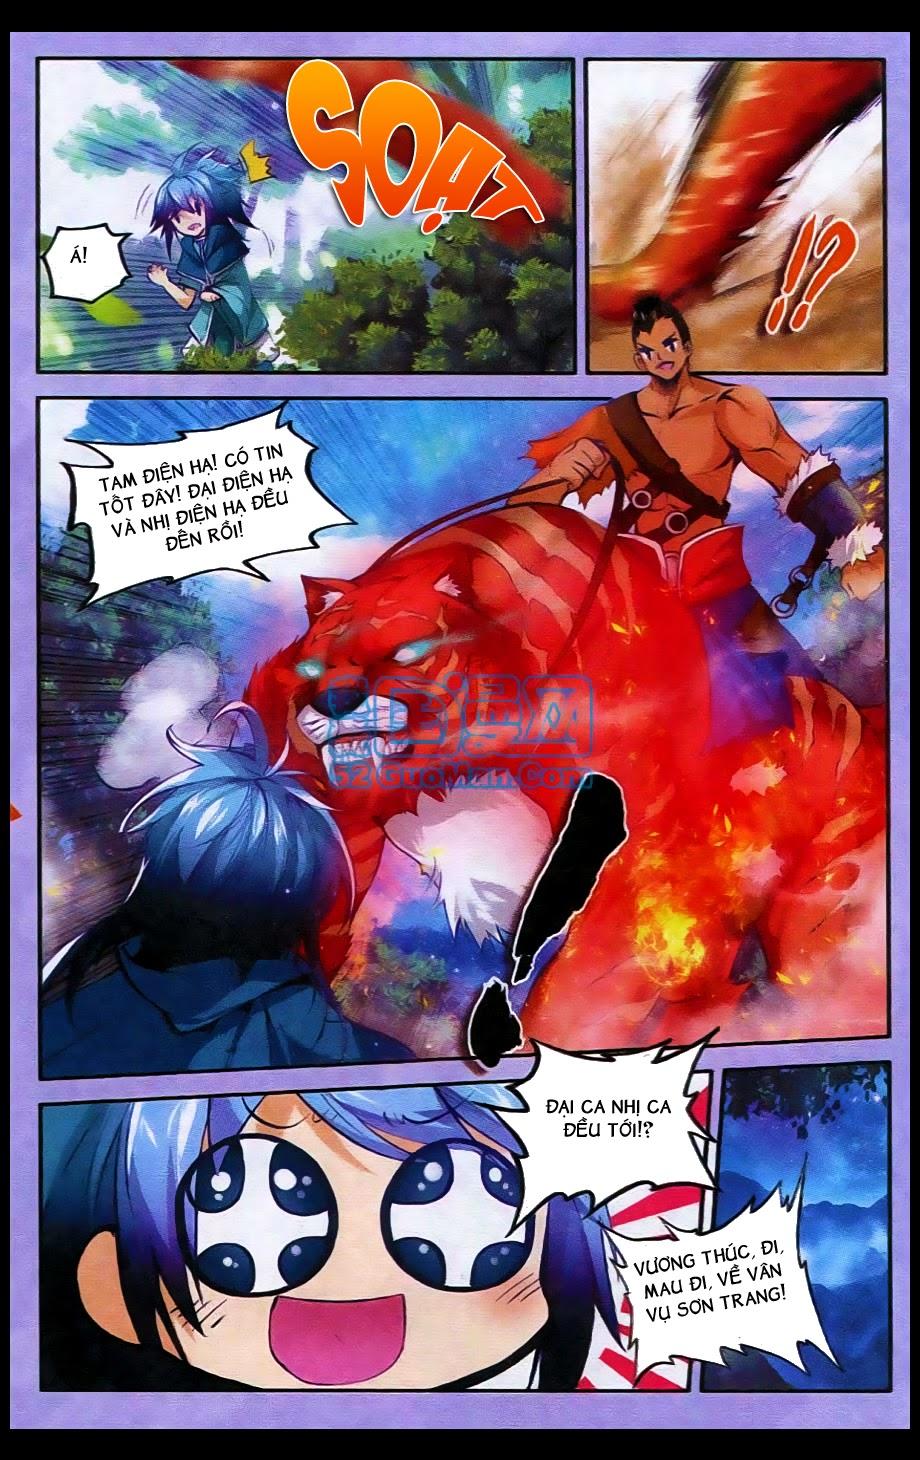 Tinh Thần Biến Chap 1 - Trang 14